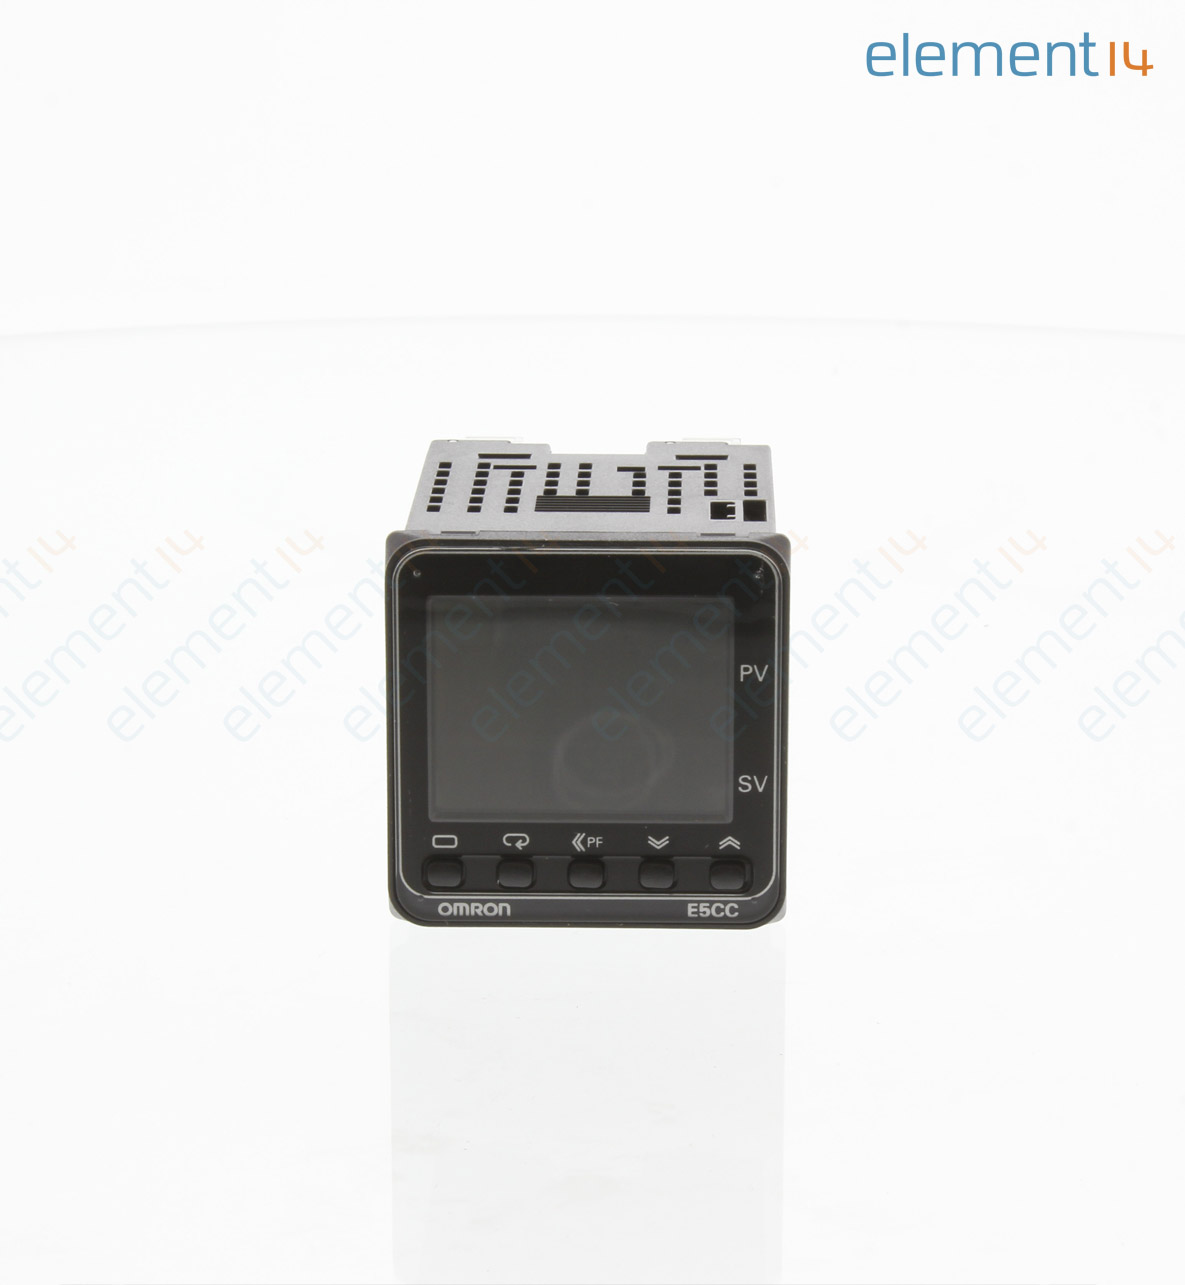 Eurotherm 2208e manual